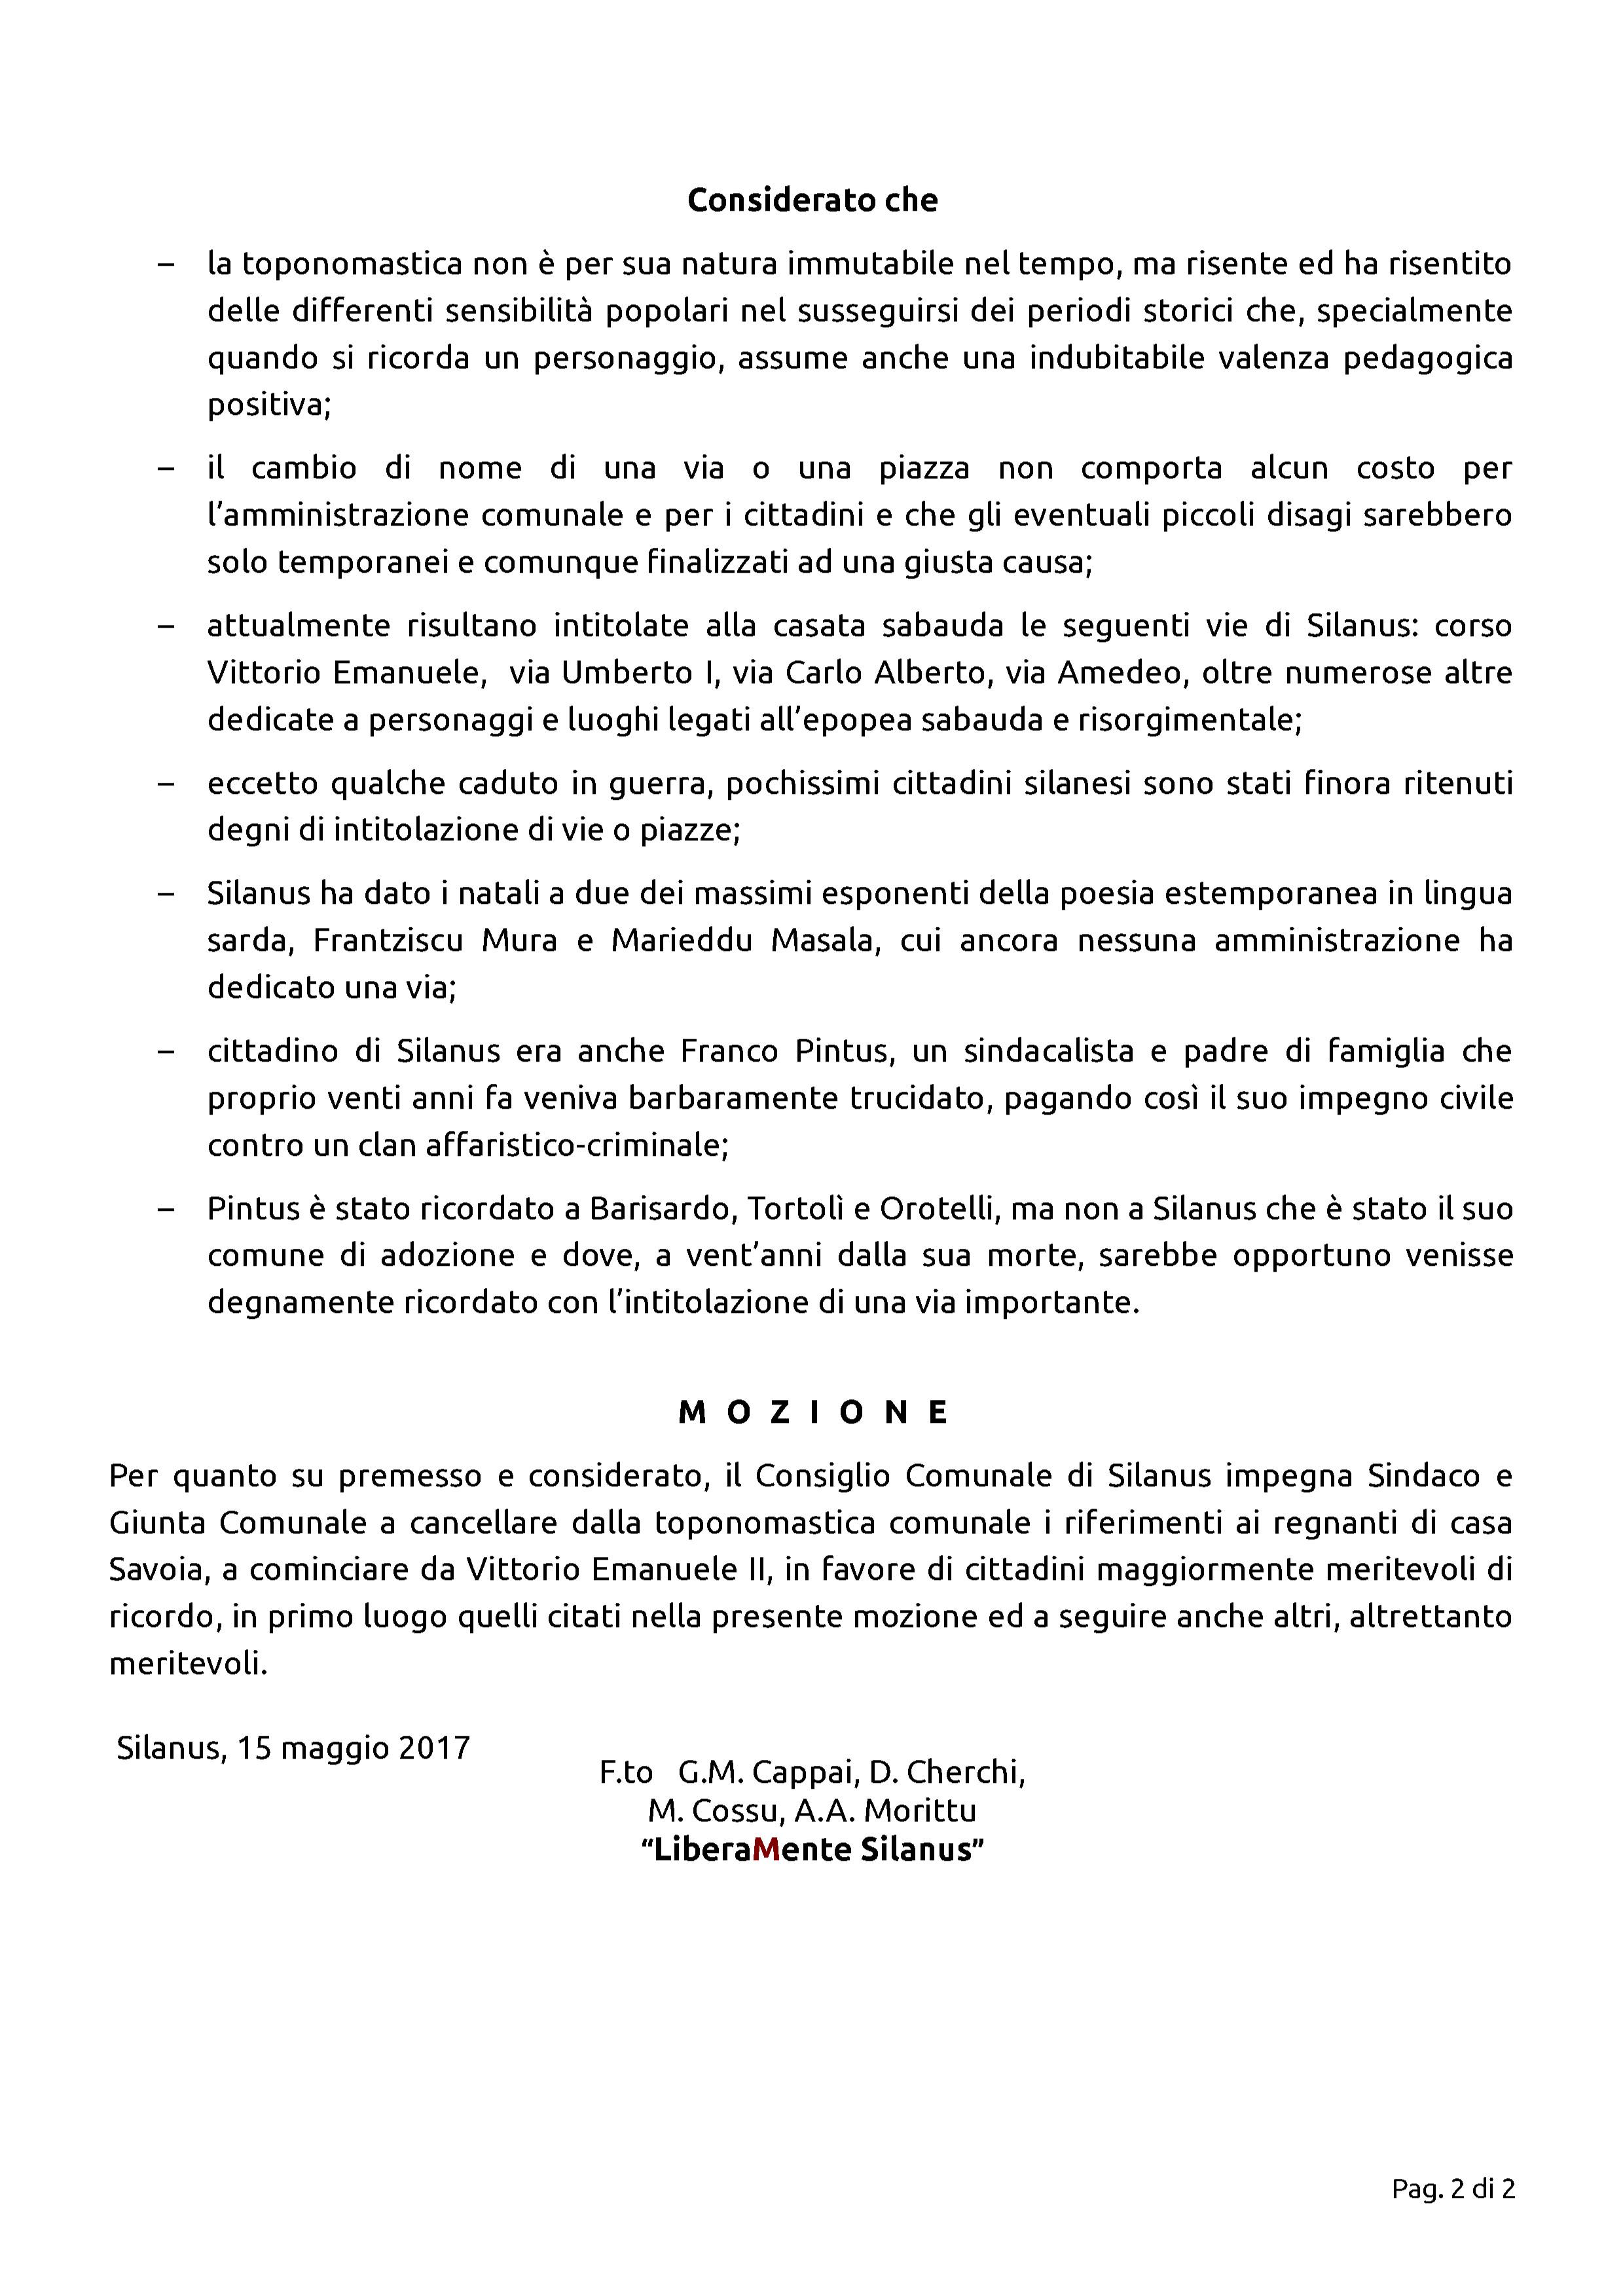 Mozione_-_revisione_toponomastica.02